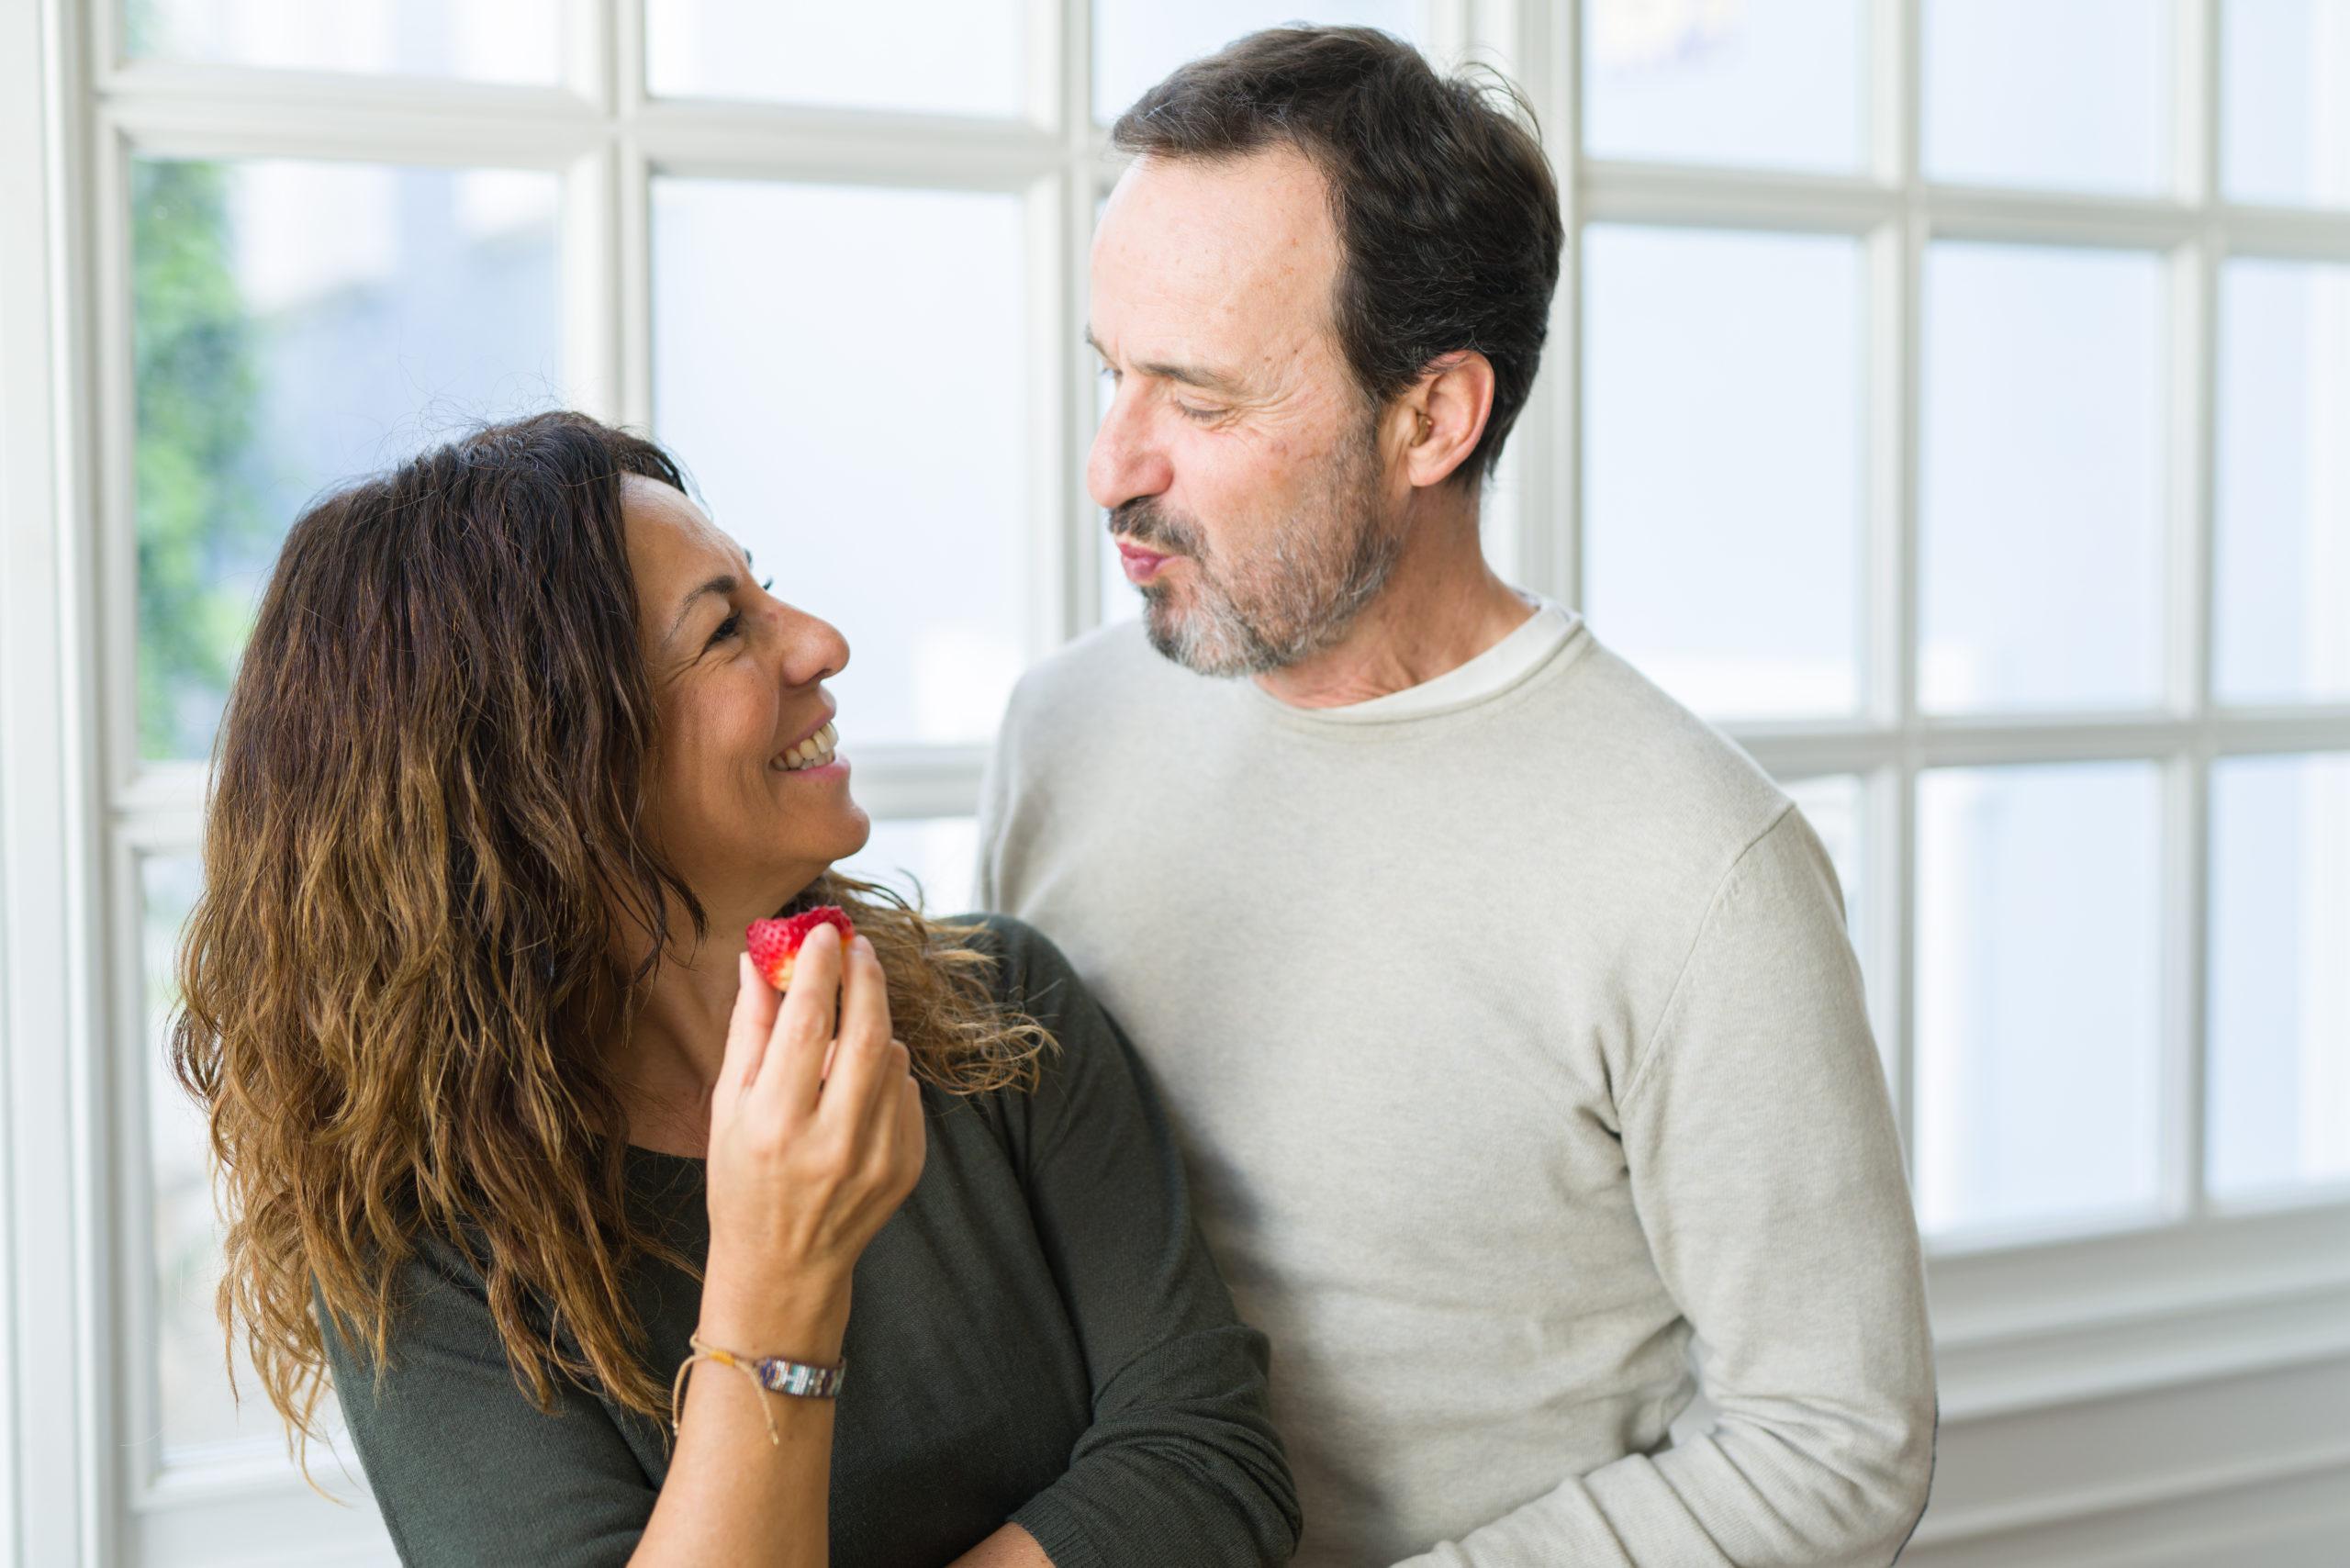 Sexualidad en pareja ¿se ve afectada por la cuarentena?